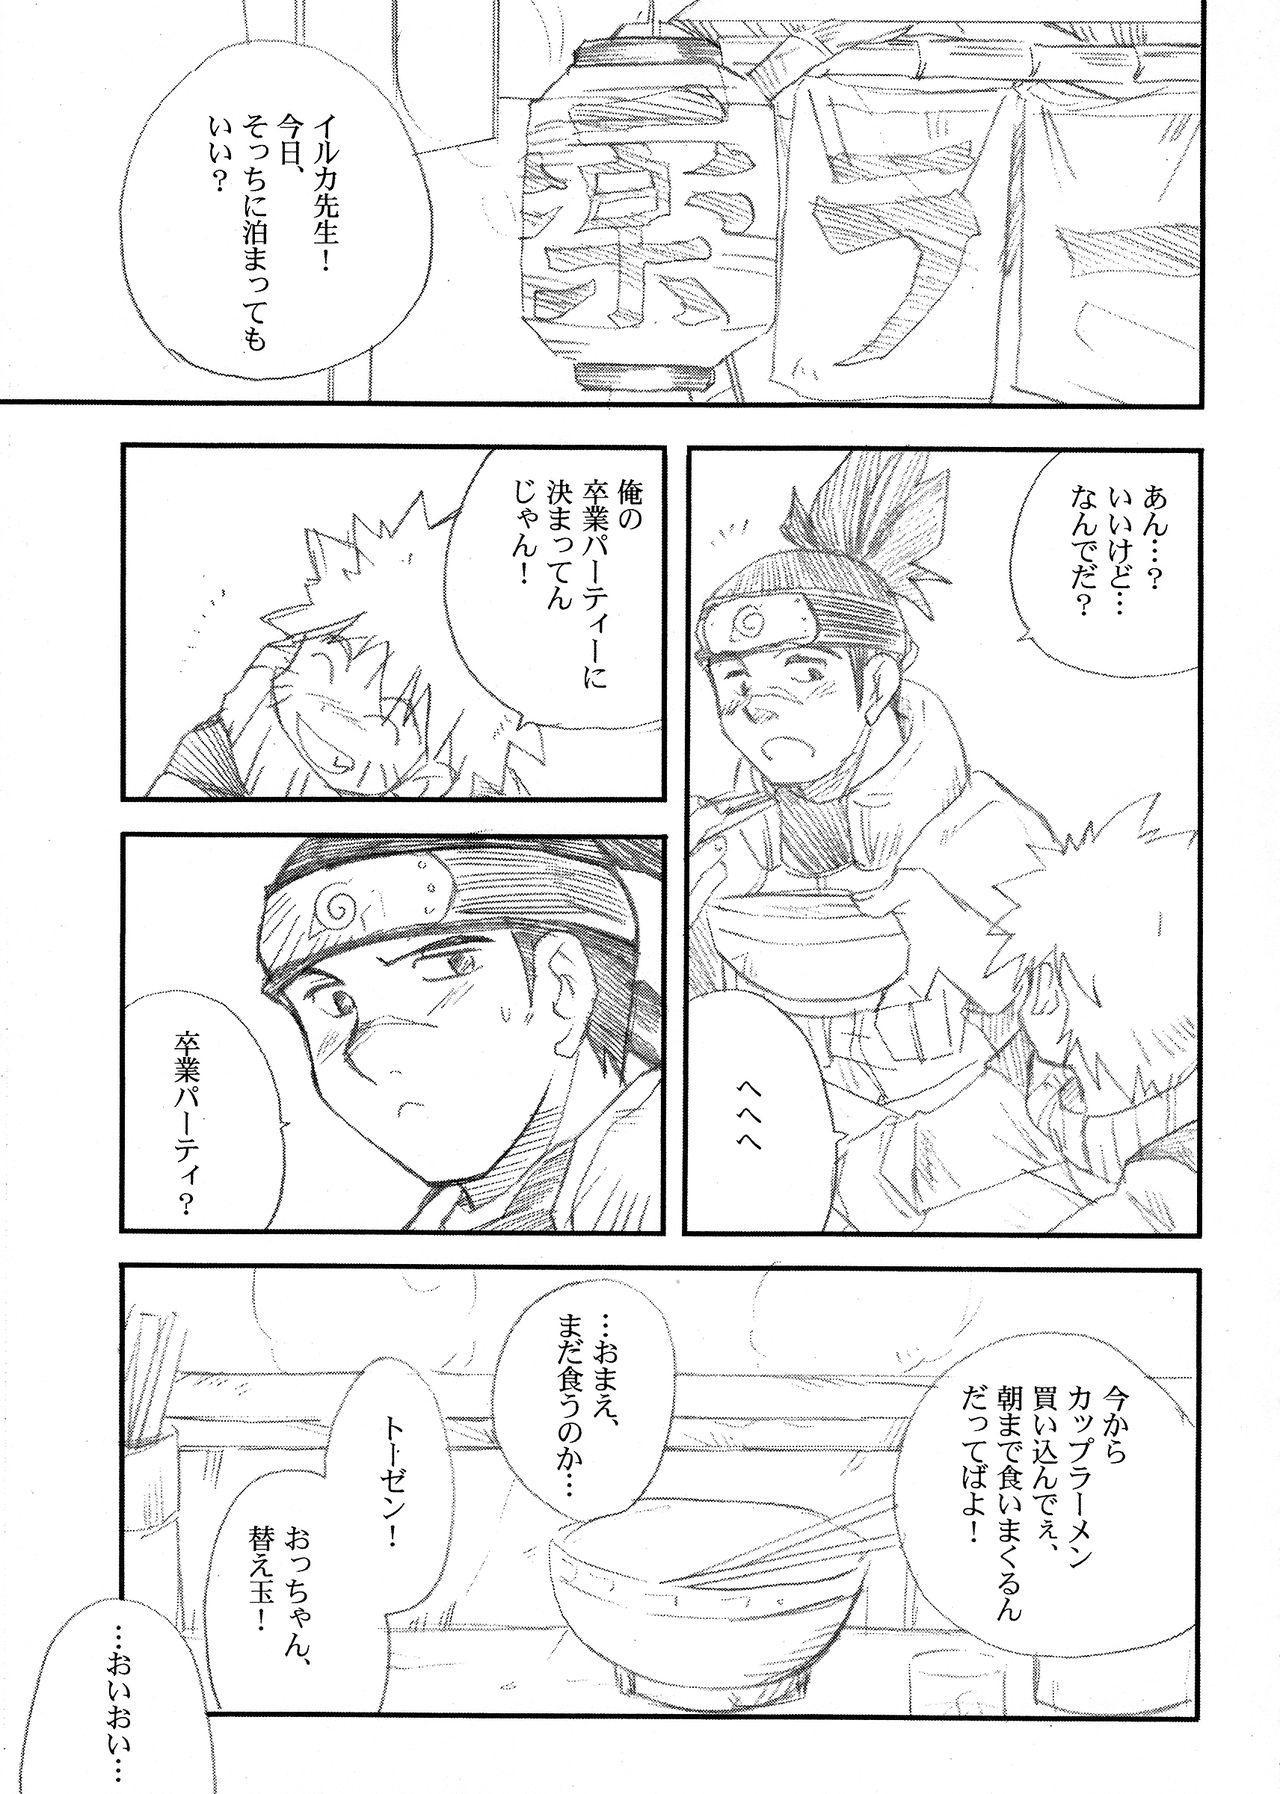 IruNaru no Wadachi 3